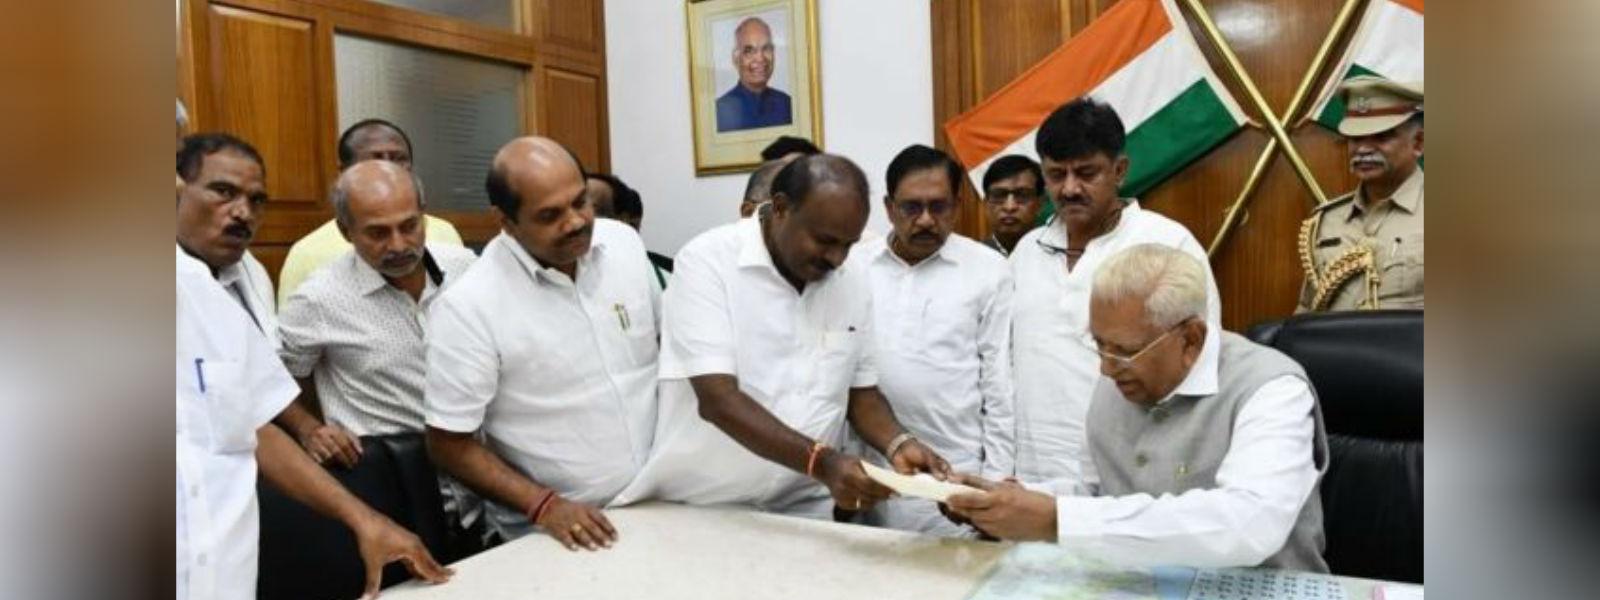 கர்நாடக முதல்வர் குமாரசாமி இராஜினாமா